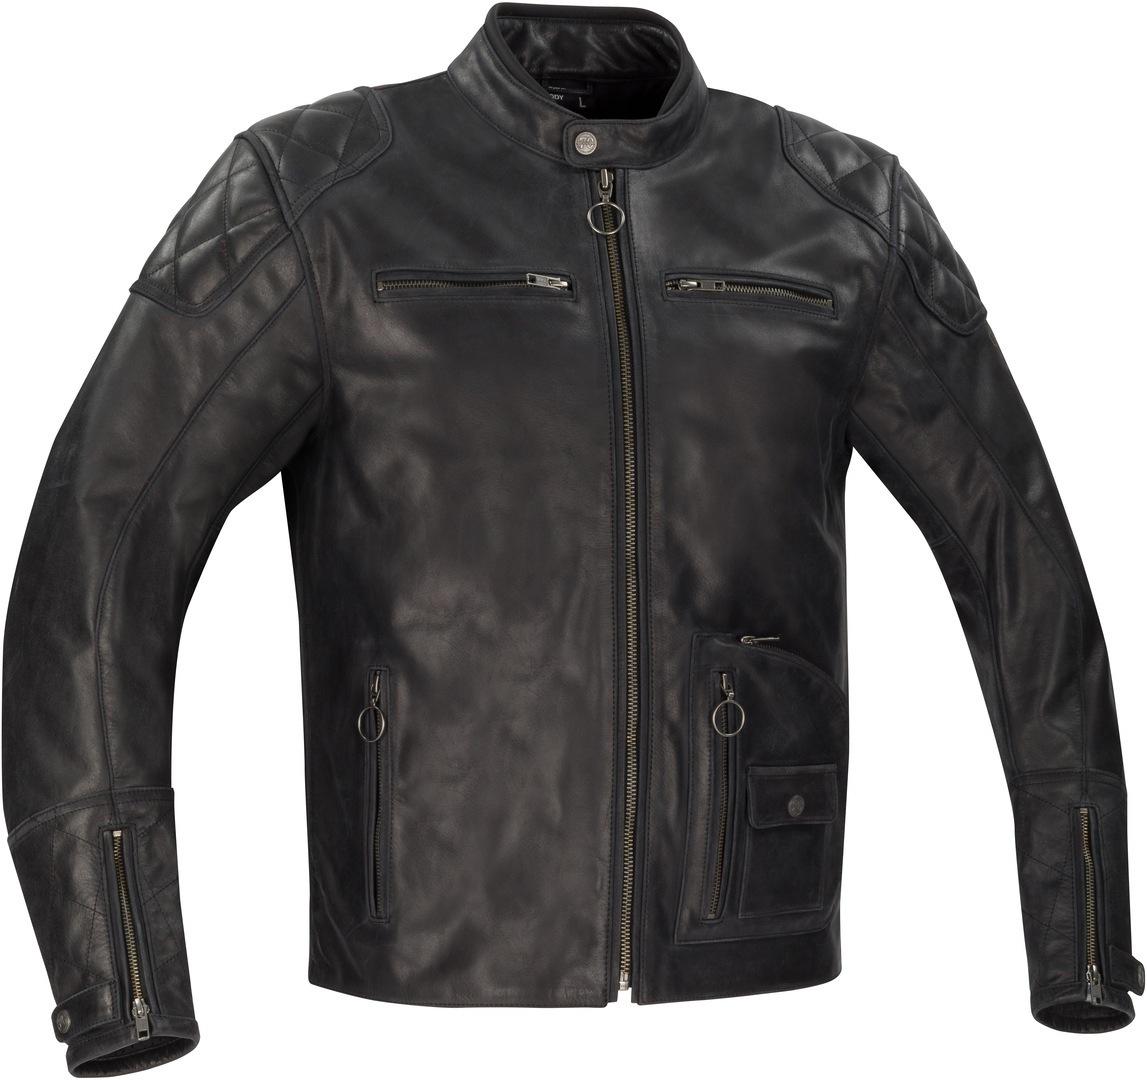 Segura Madisson Motorrad Lederjacke, schwarz, Größe S, schwarz, Größe S